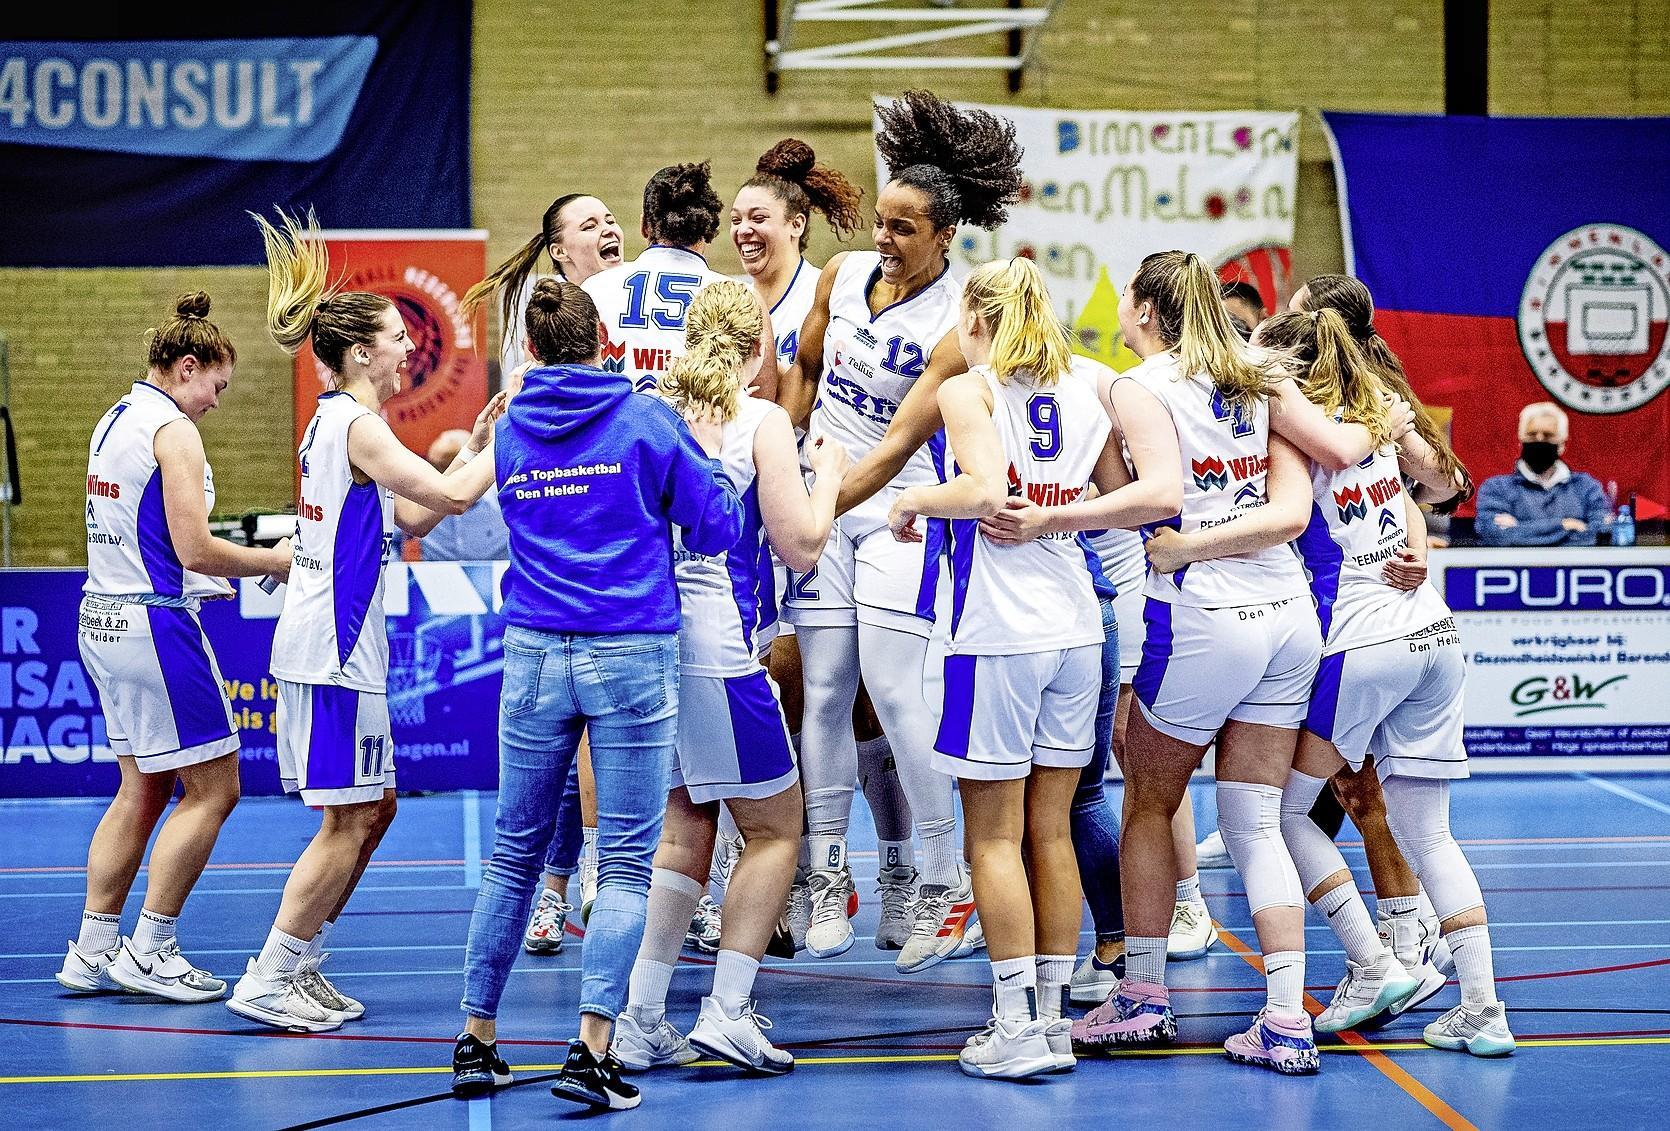 De titel is voor Den Helder: verleden Helderse basketbalsters heeft met vijftiende landskampioenschap weer een toekomst [video]